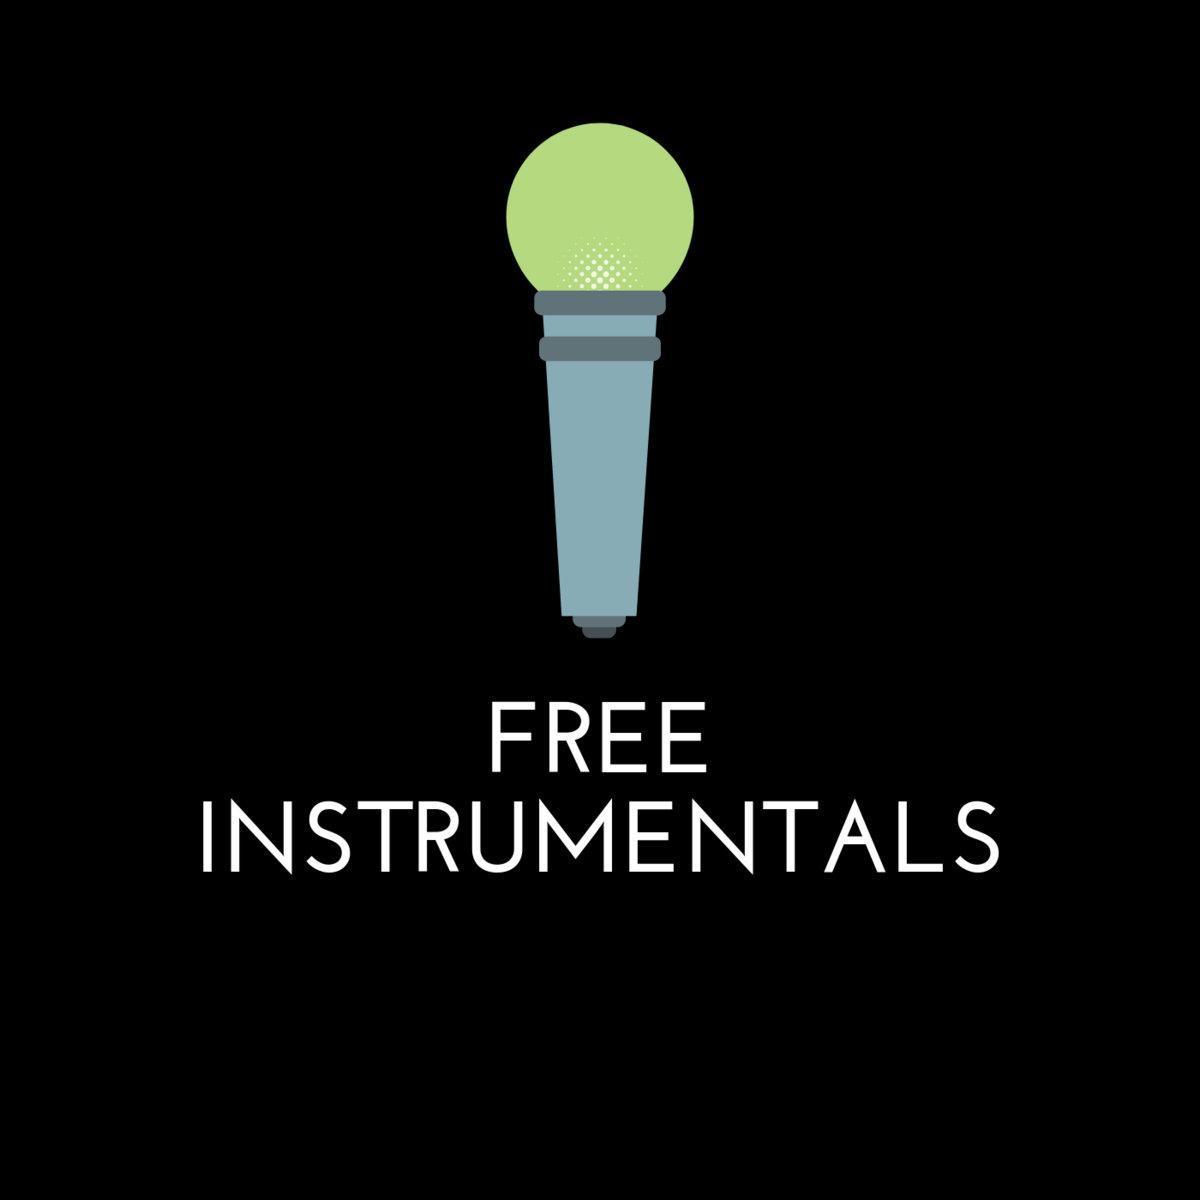 Free Instrumentals Download 2019 | Instrumentalstv